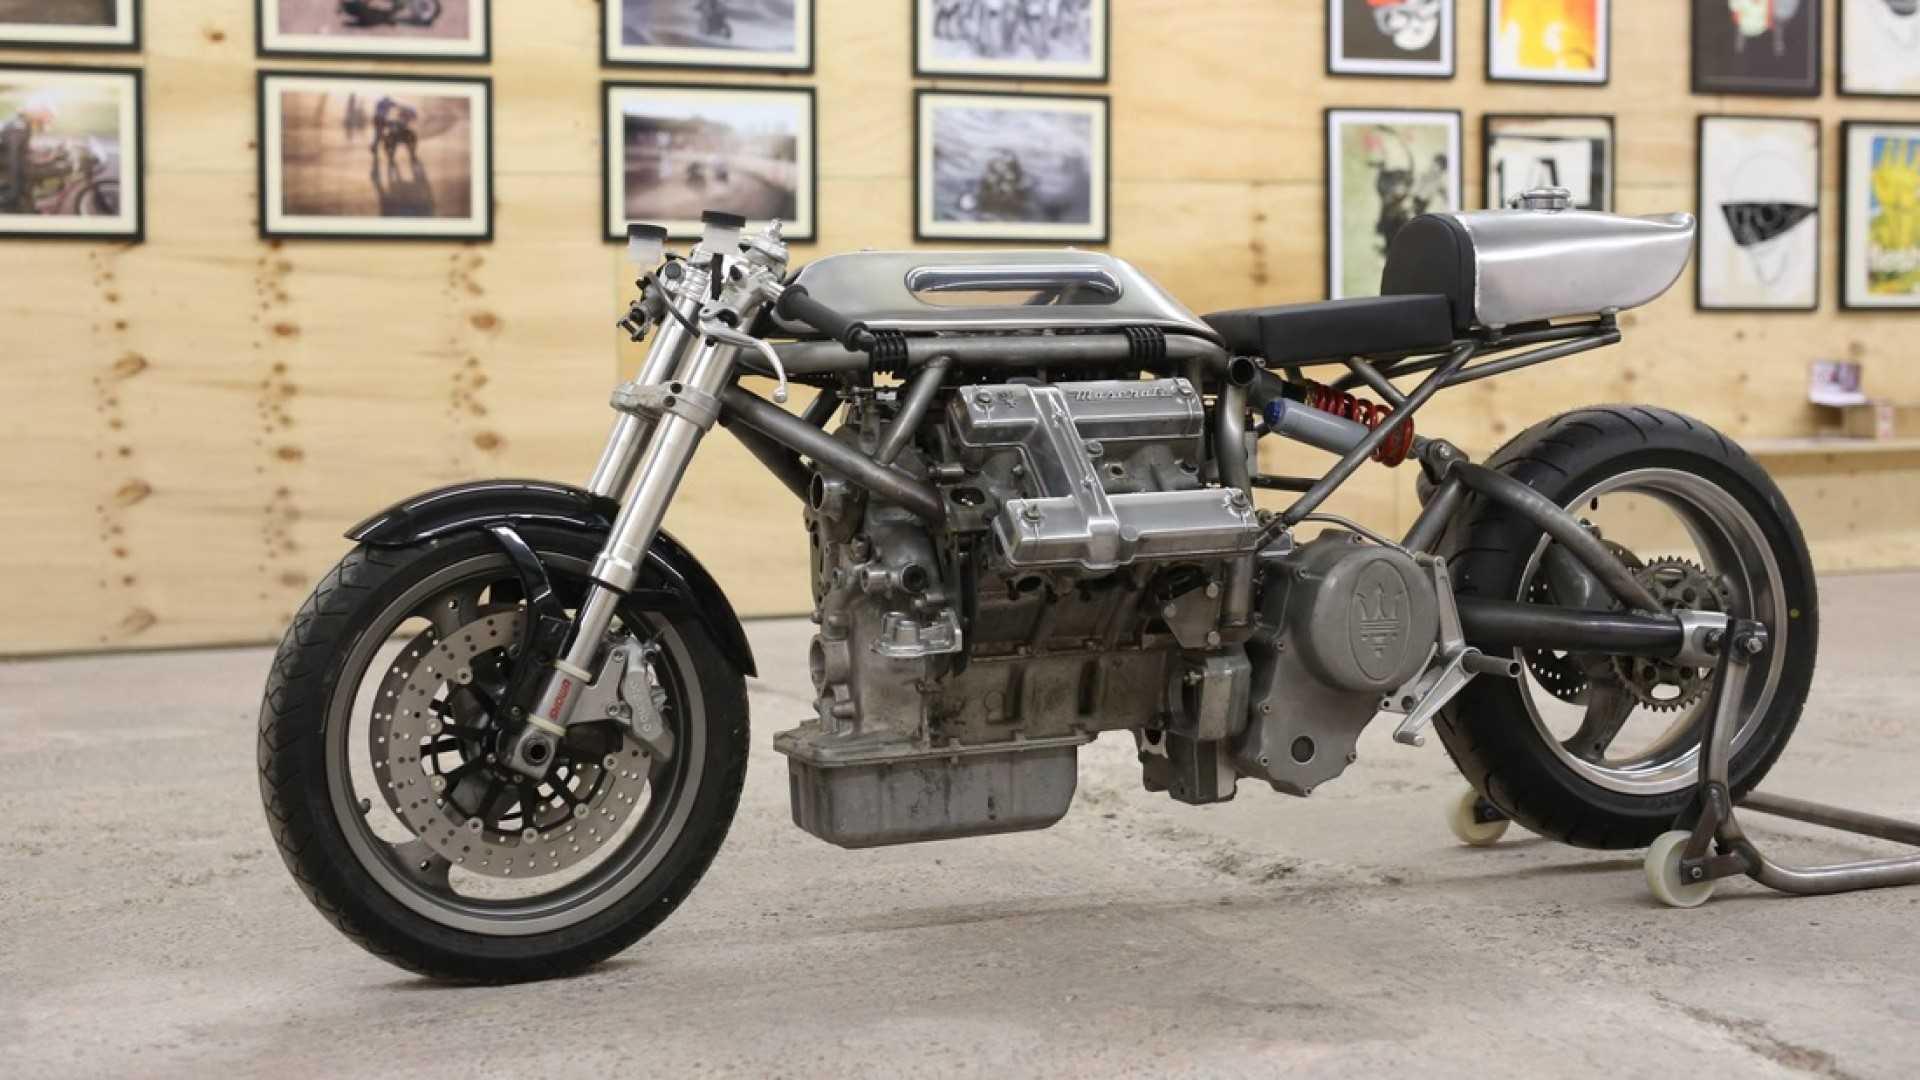 This Custom Bike Has Maserati Power